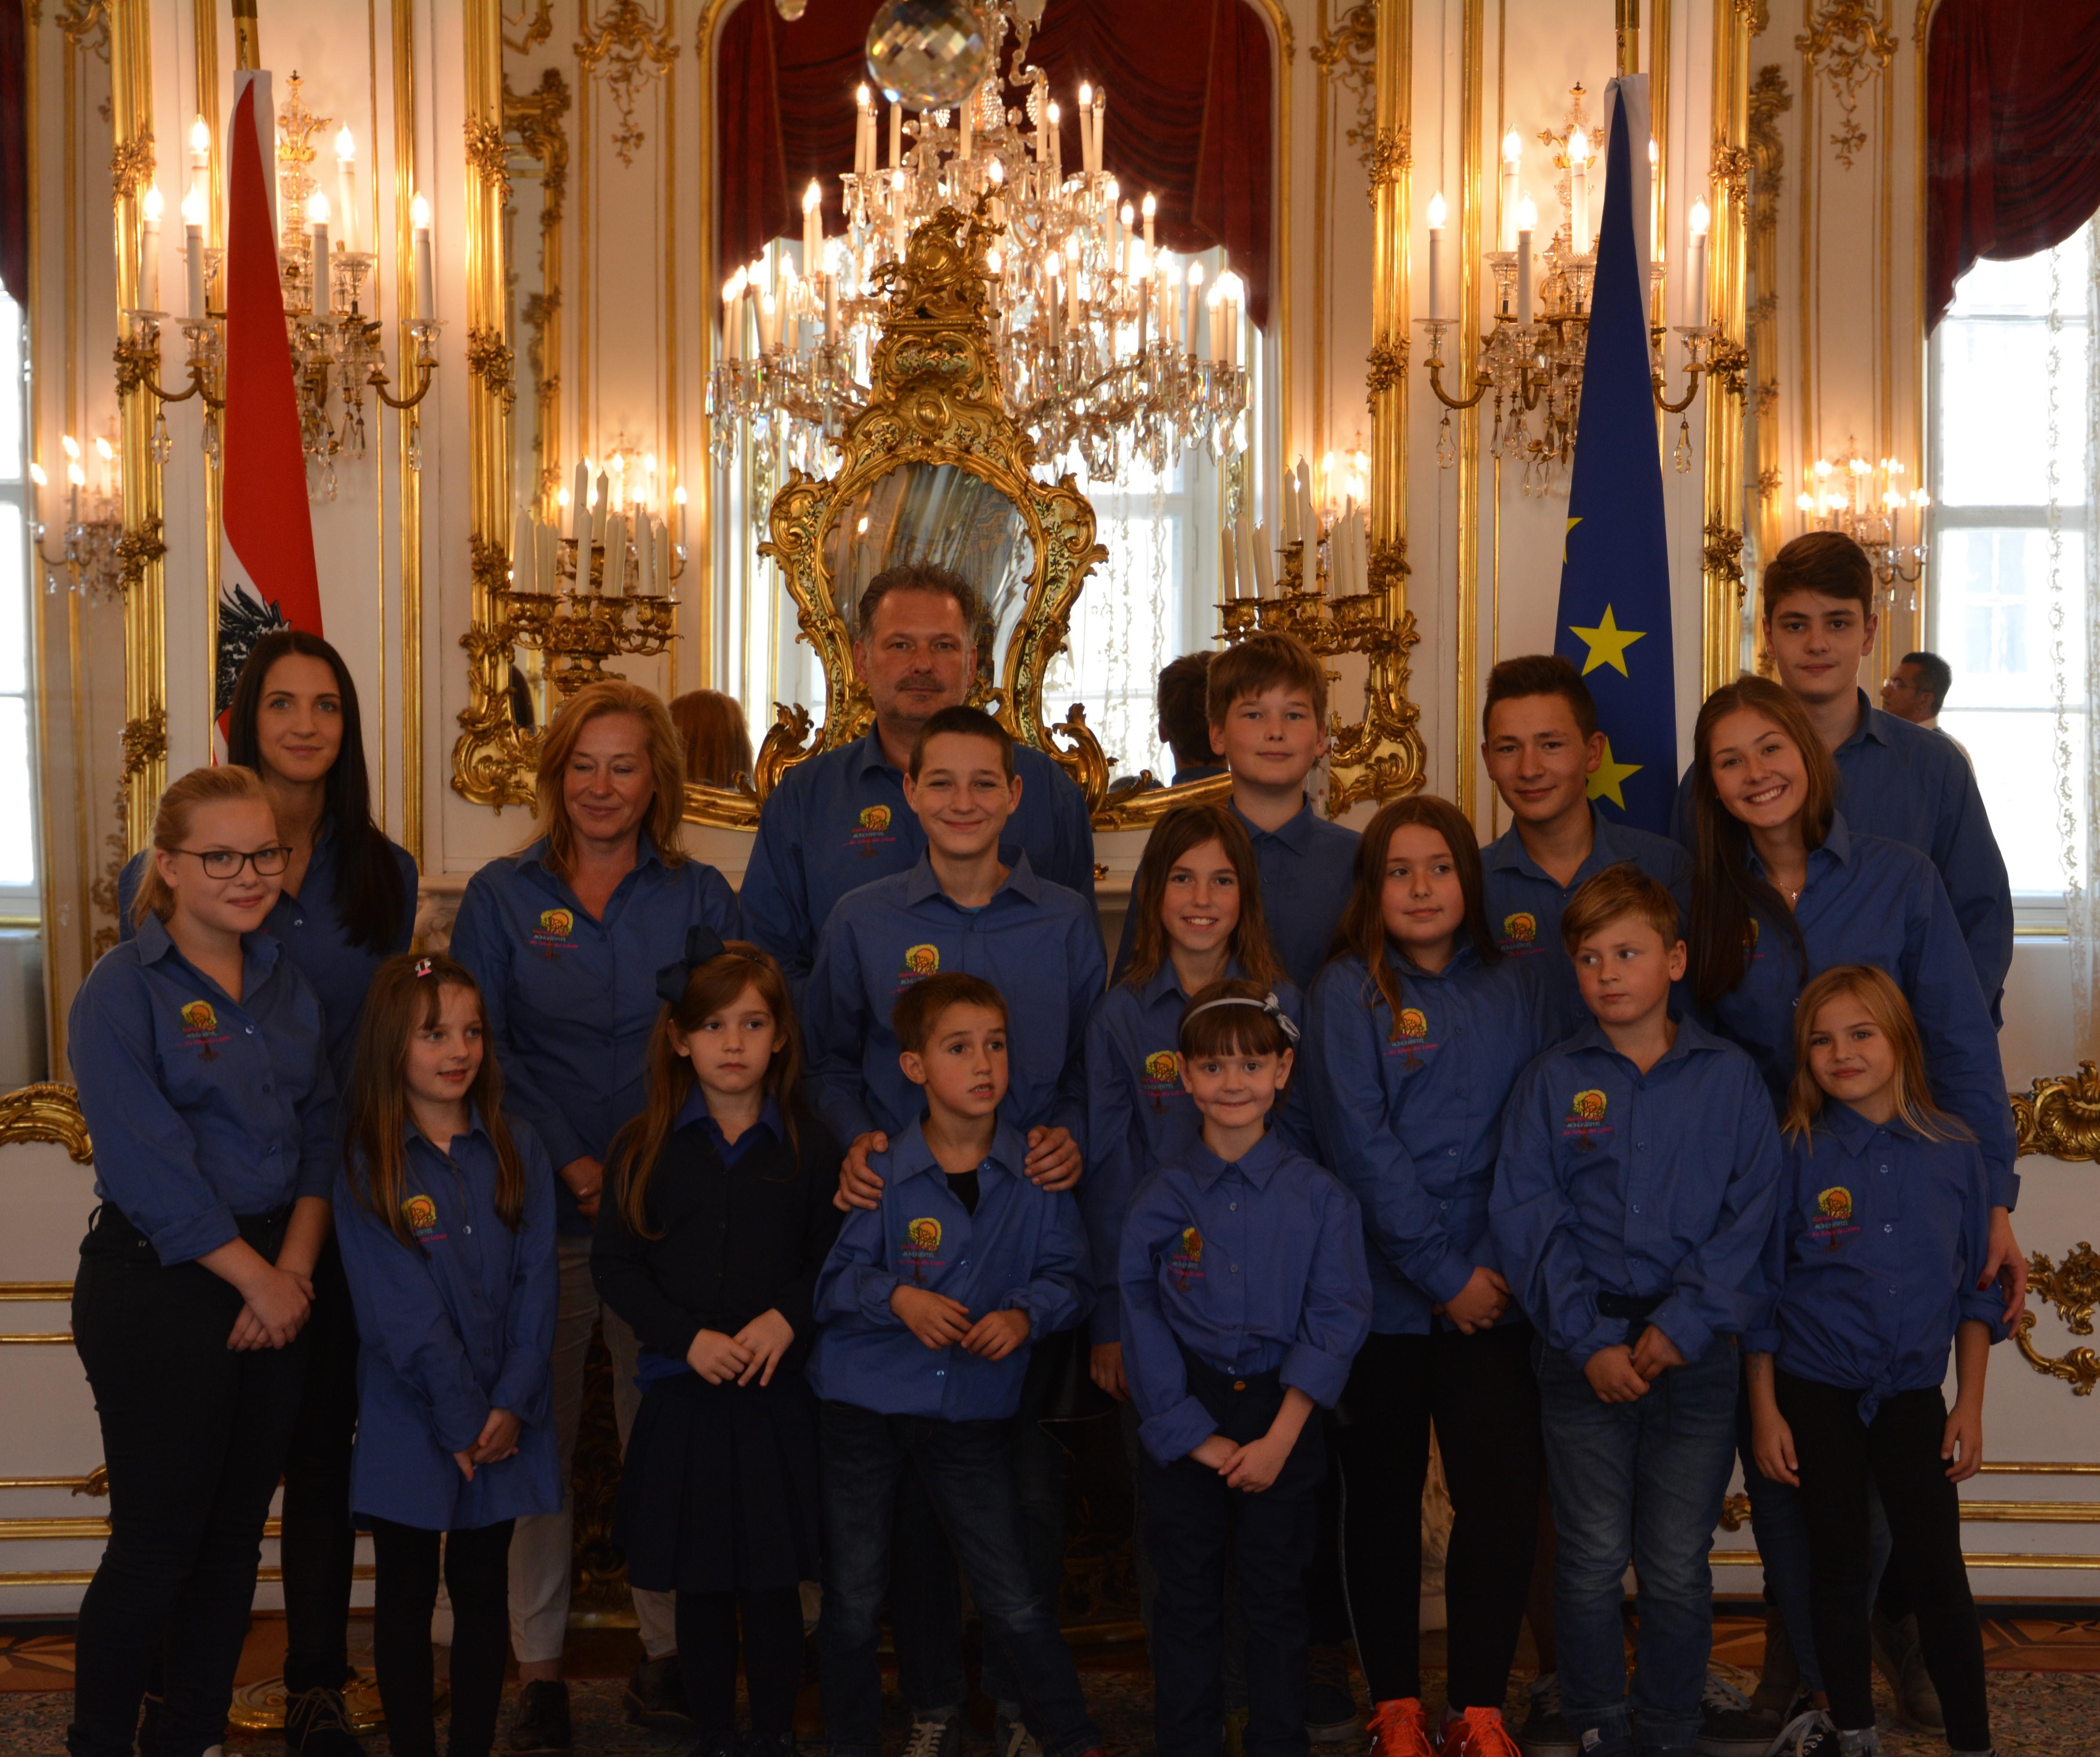 Auftritt in der Hofburg